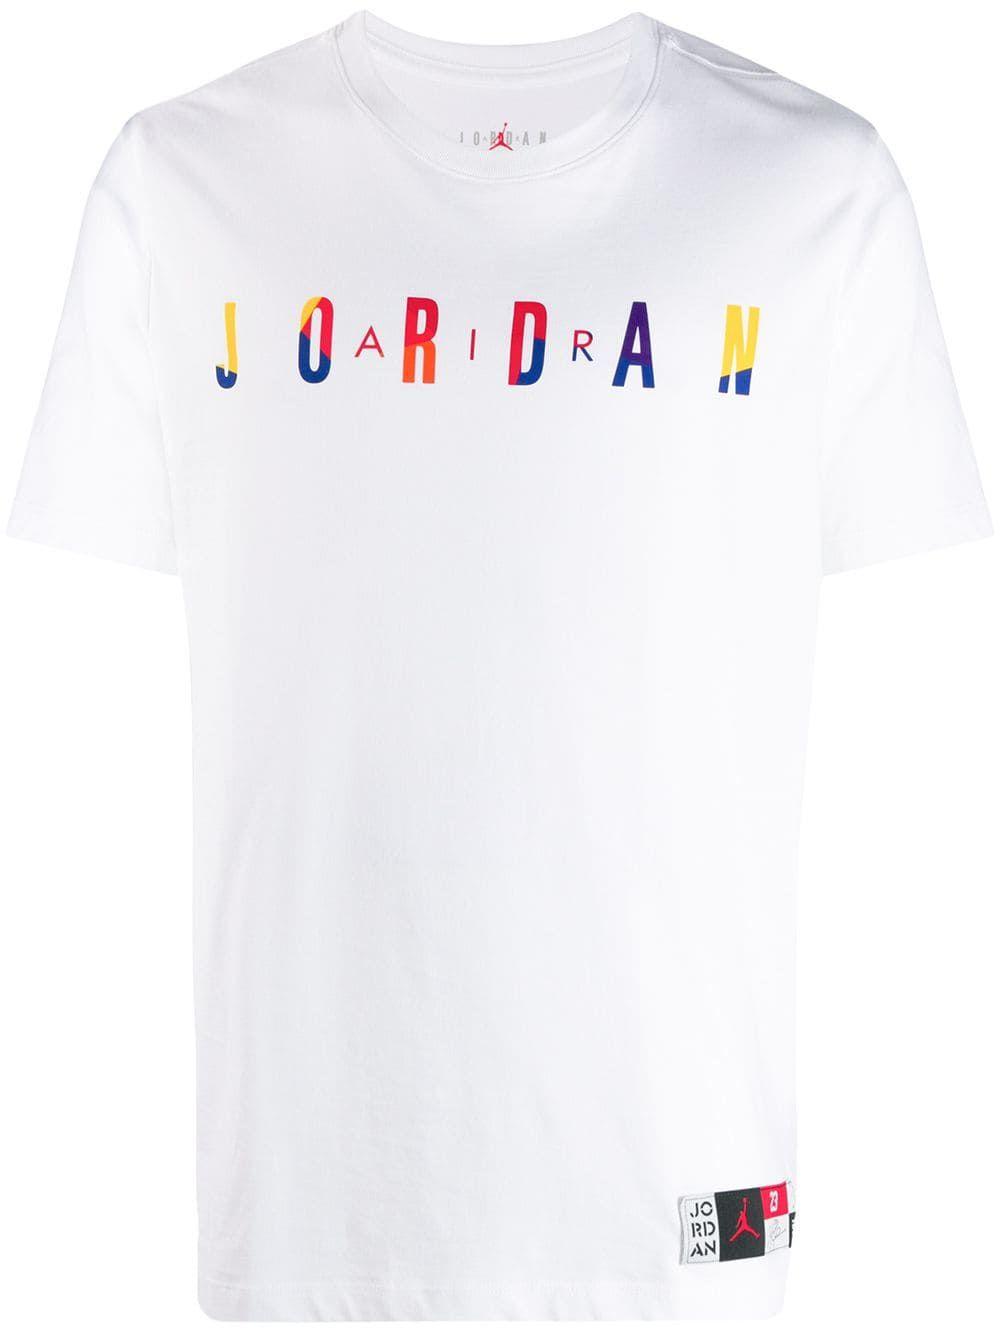 Jordan DNA T-shirt in 2020 | Nike t